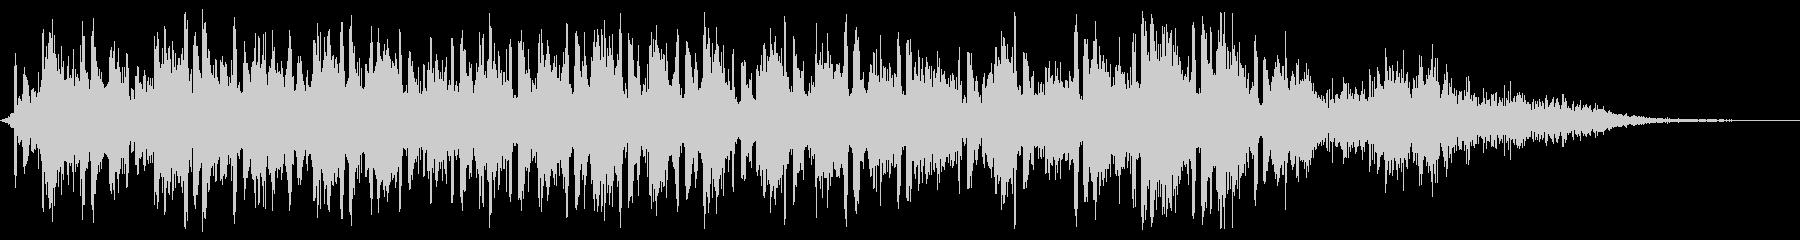 【銃声音018】マシンガンの未再生の波形